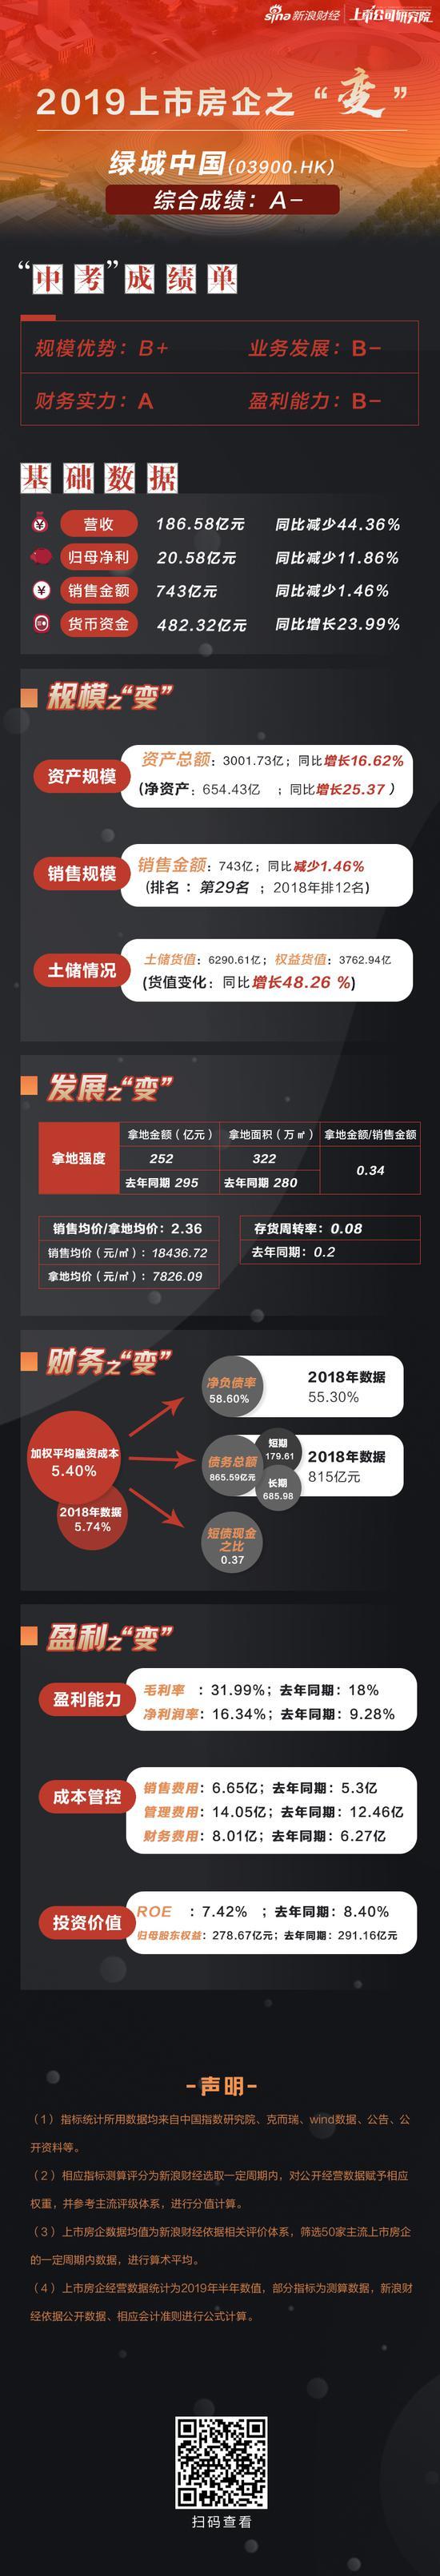 美方欲将香港问题与中美经贸谈判挂钩 商务部回应